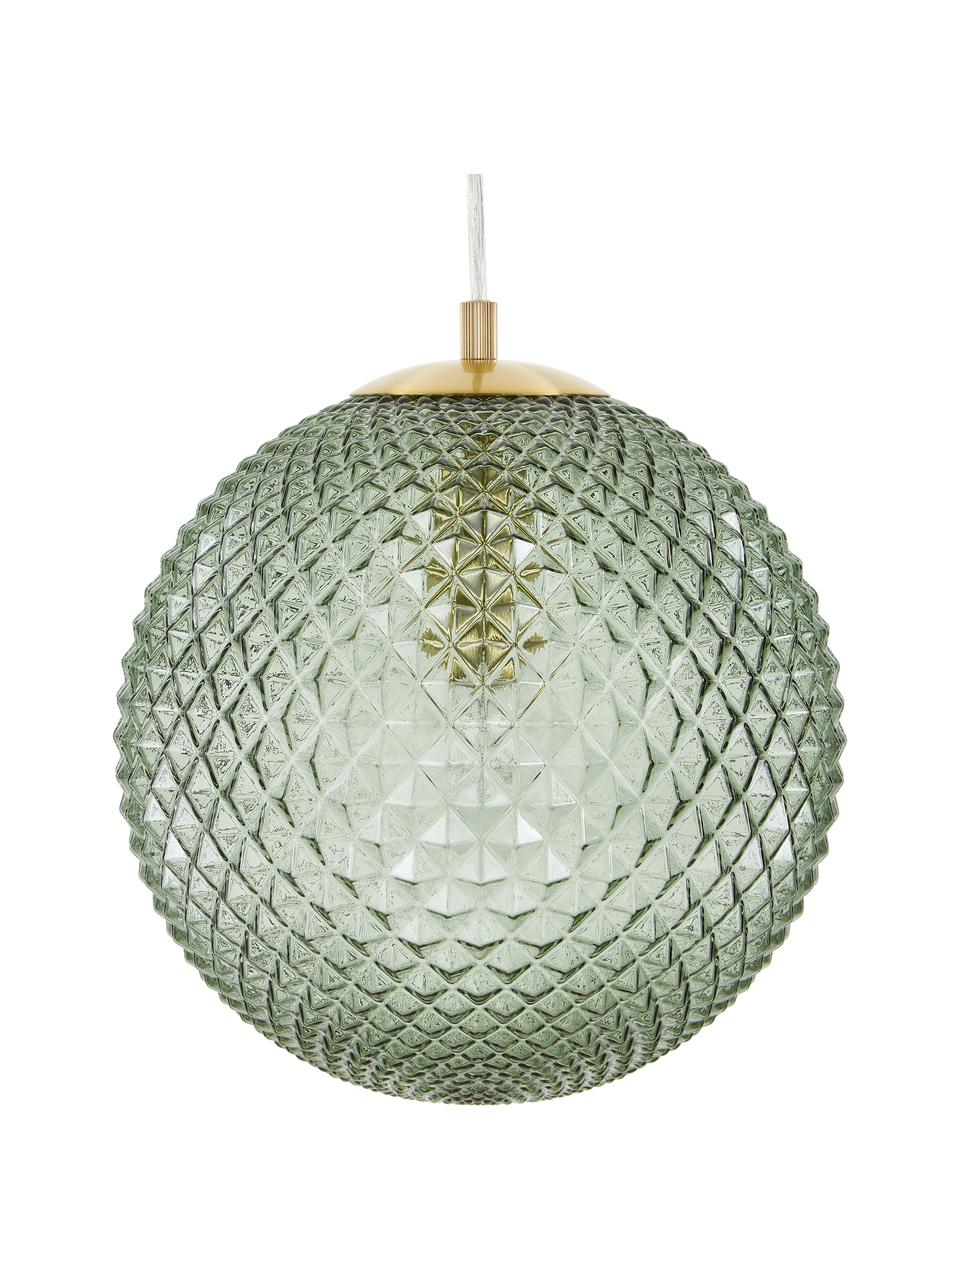 Lampada a sospensione in vetro Lorna, Paralume: vetro, Verde, Ø 25 cm